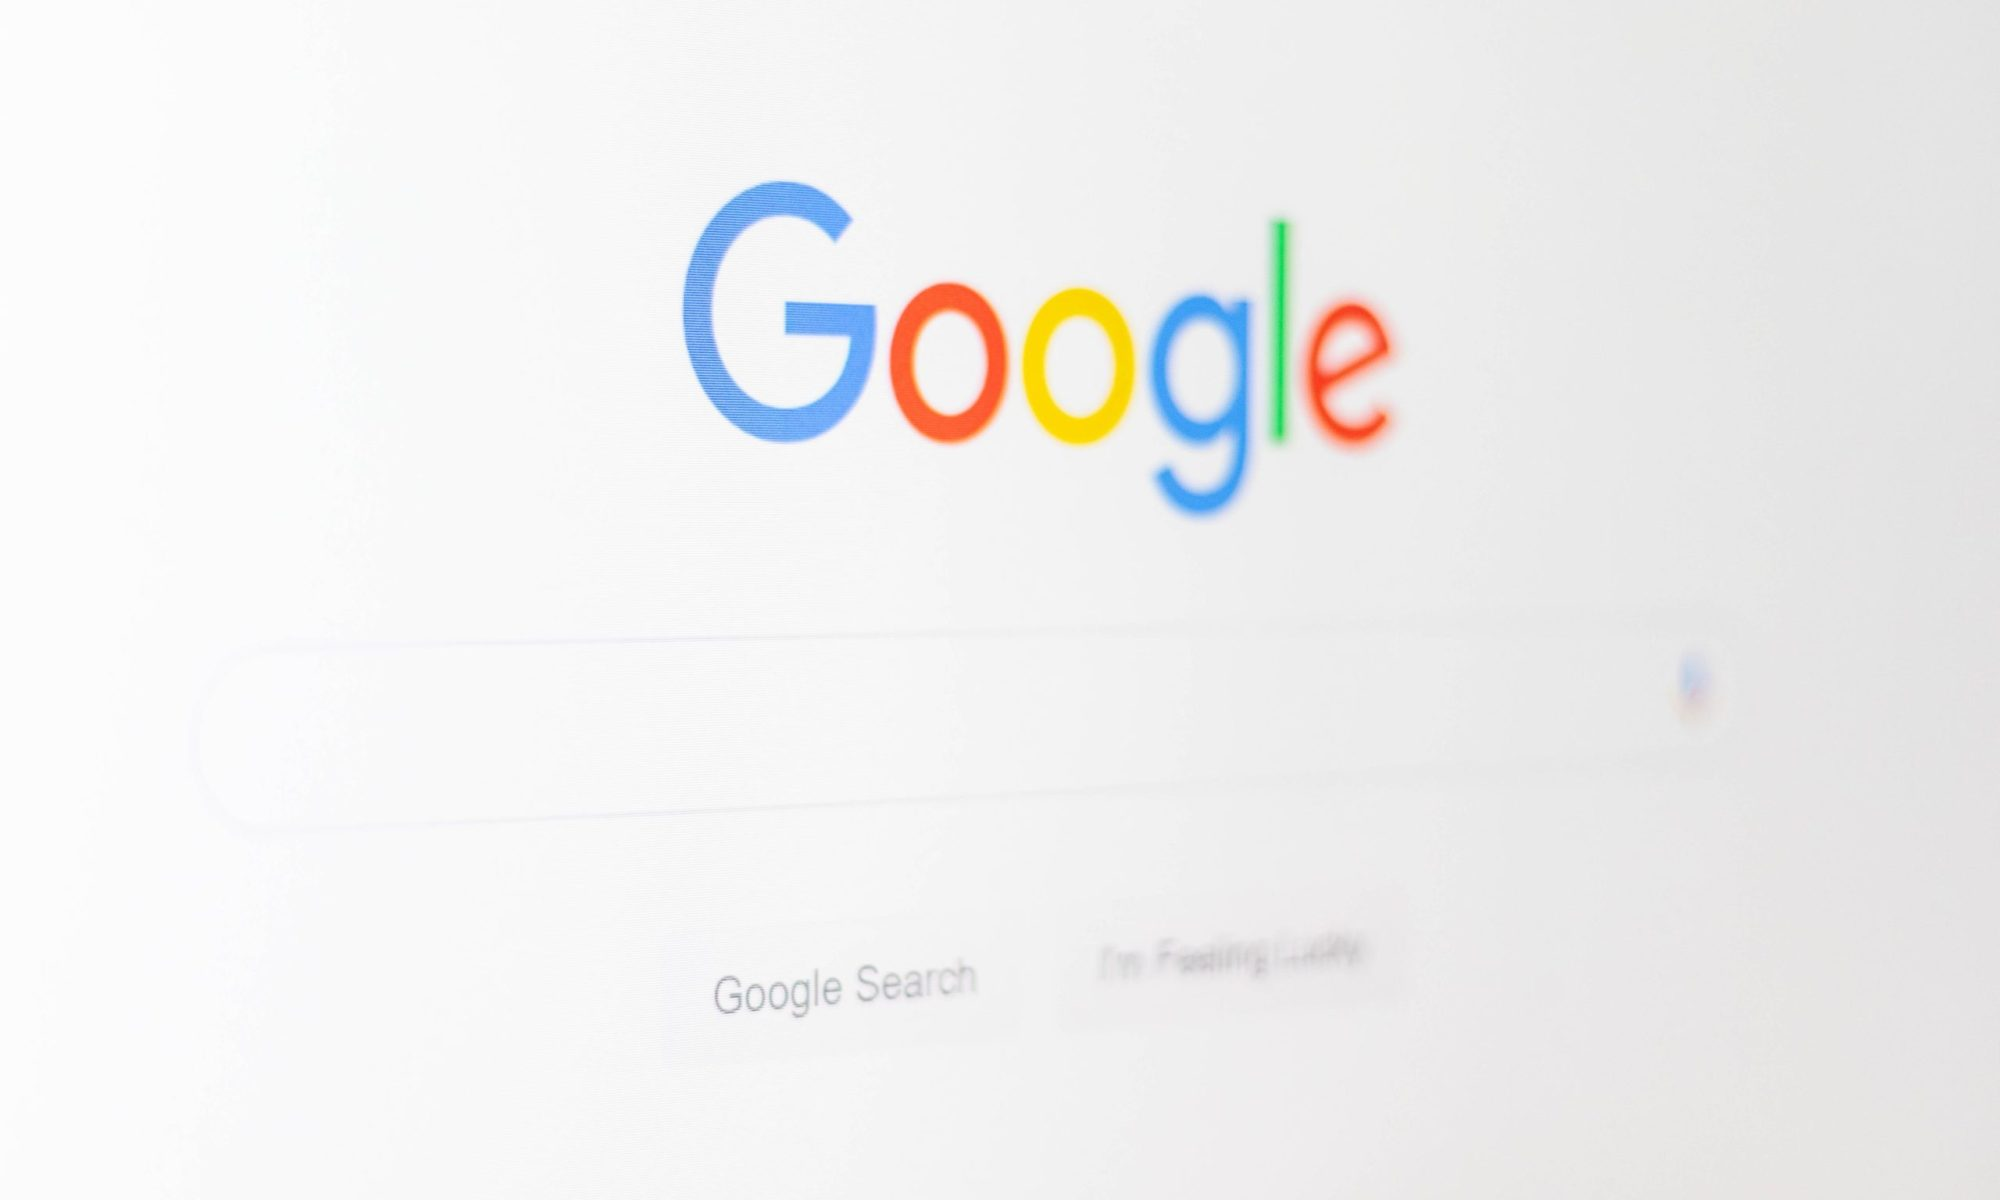 Google shows up for SEO copywriter